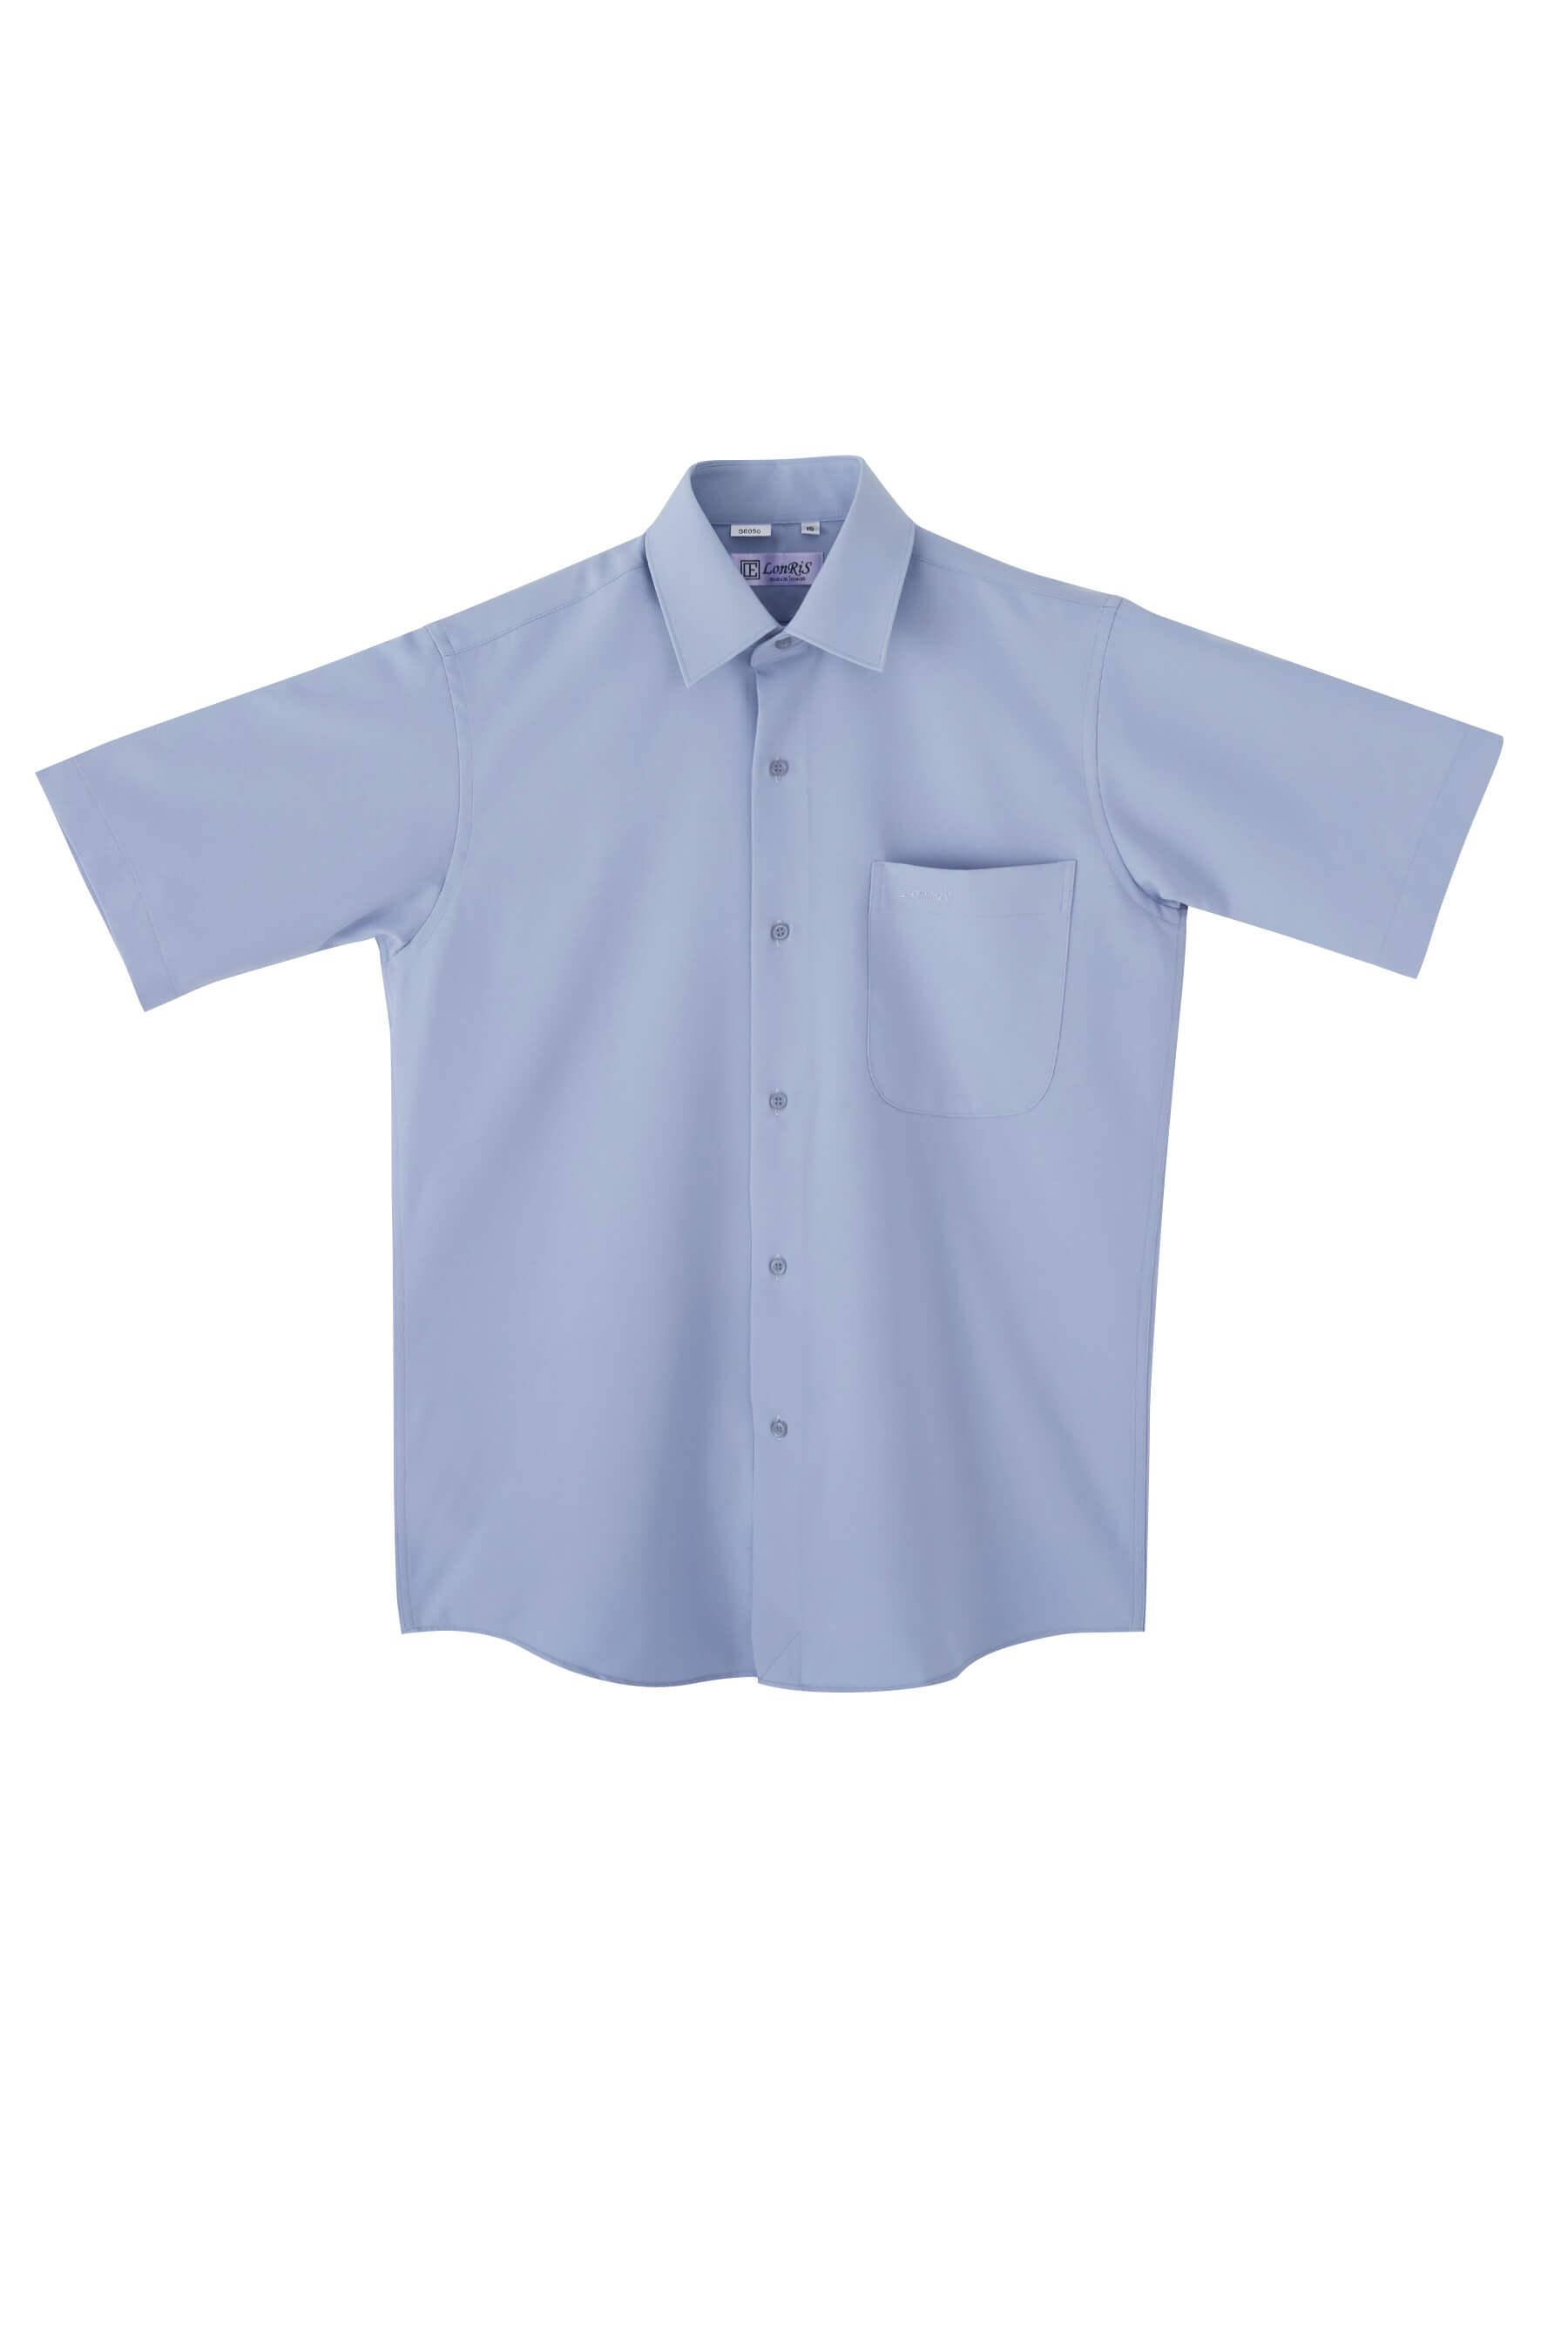 灰色素面短袖襯衫/抗皺 吸濕排汗